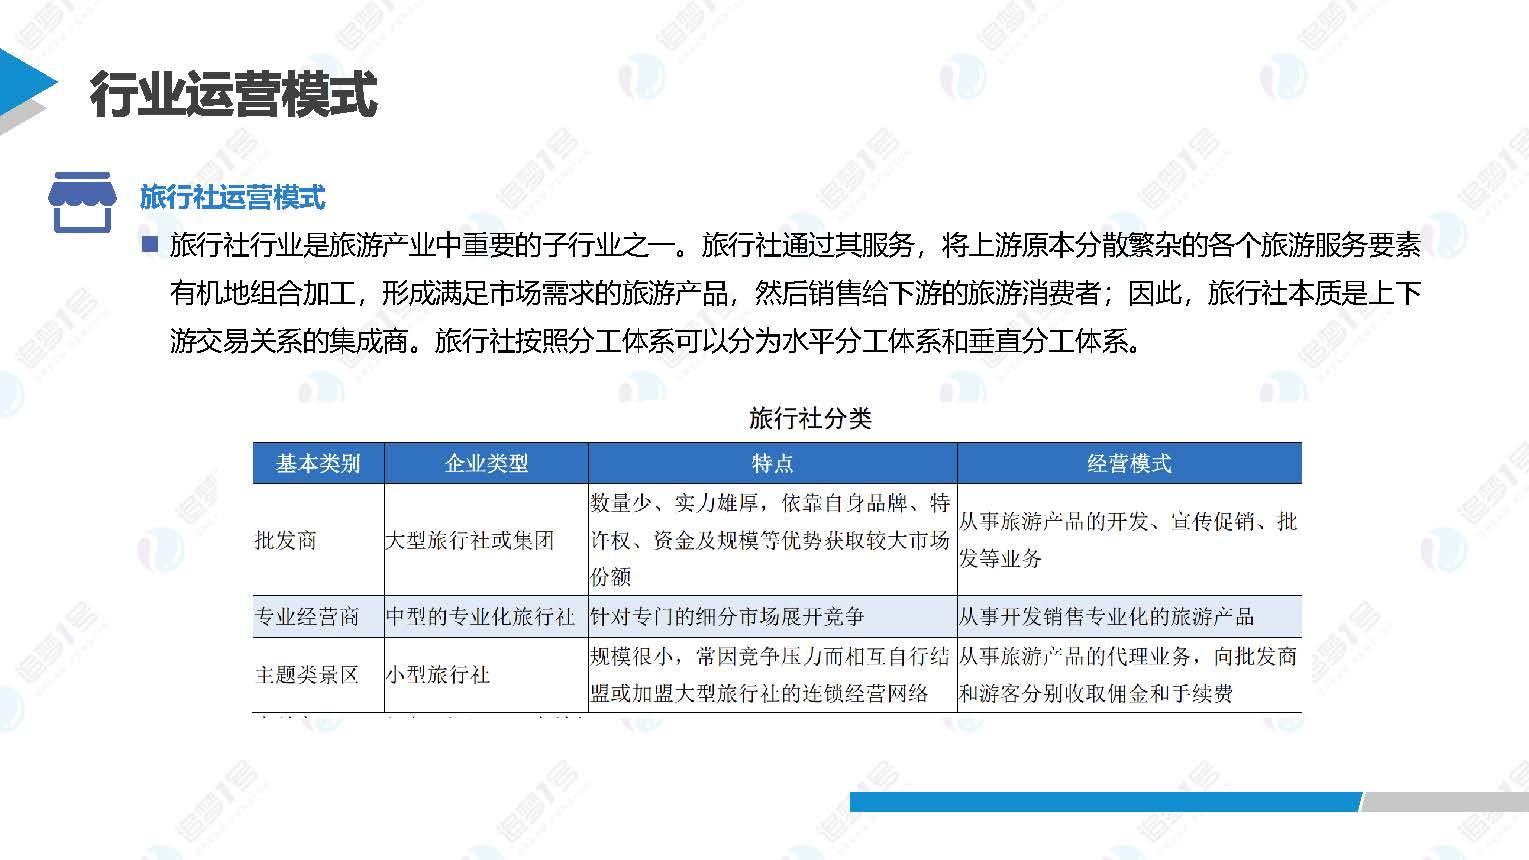 中国旅游行业研究 _页面_12.jpg